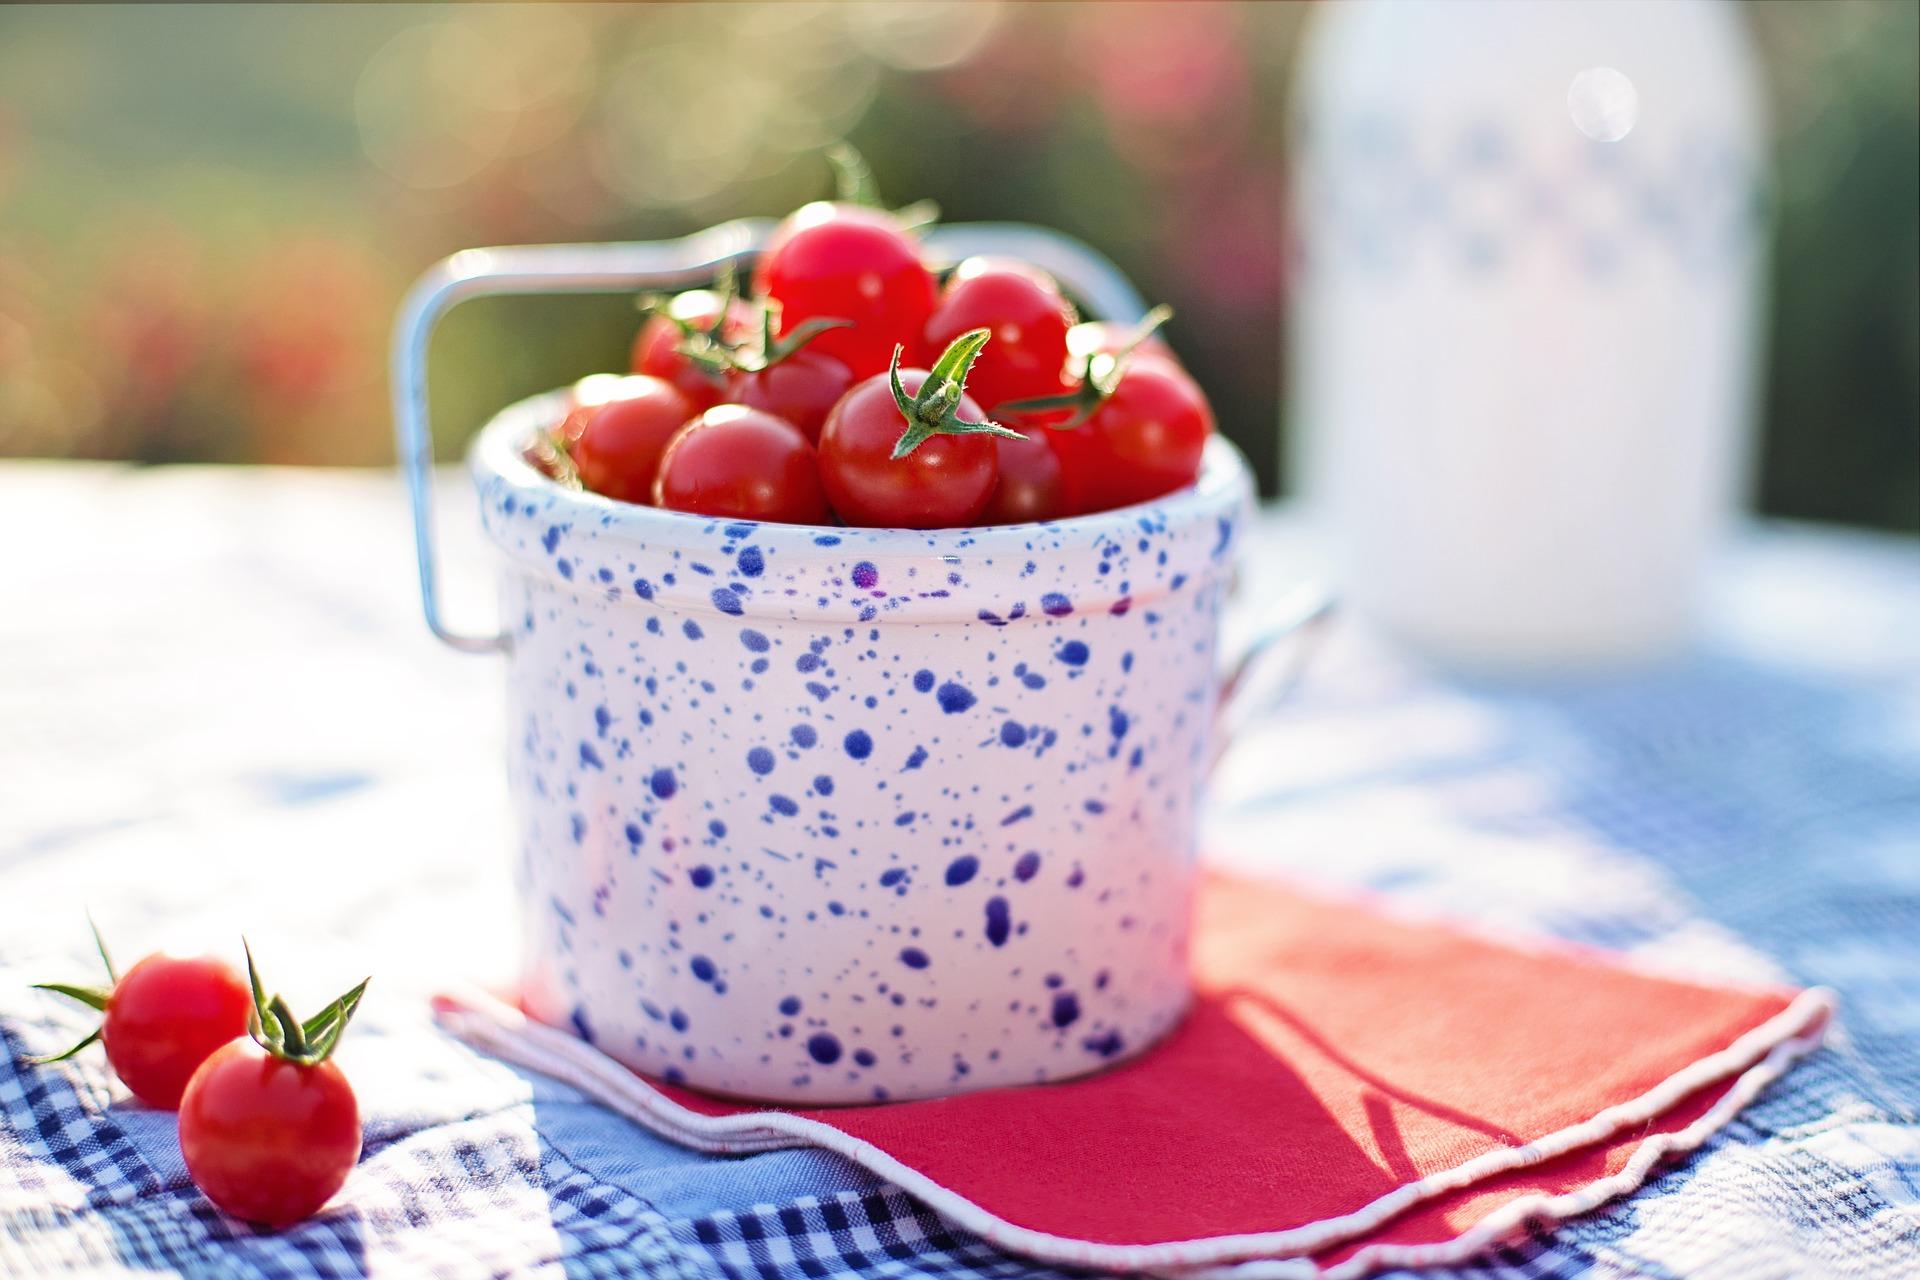 甘い甘~いトマトで生活習慣病を美味しく予防